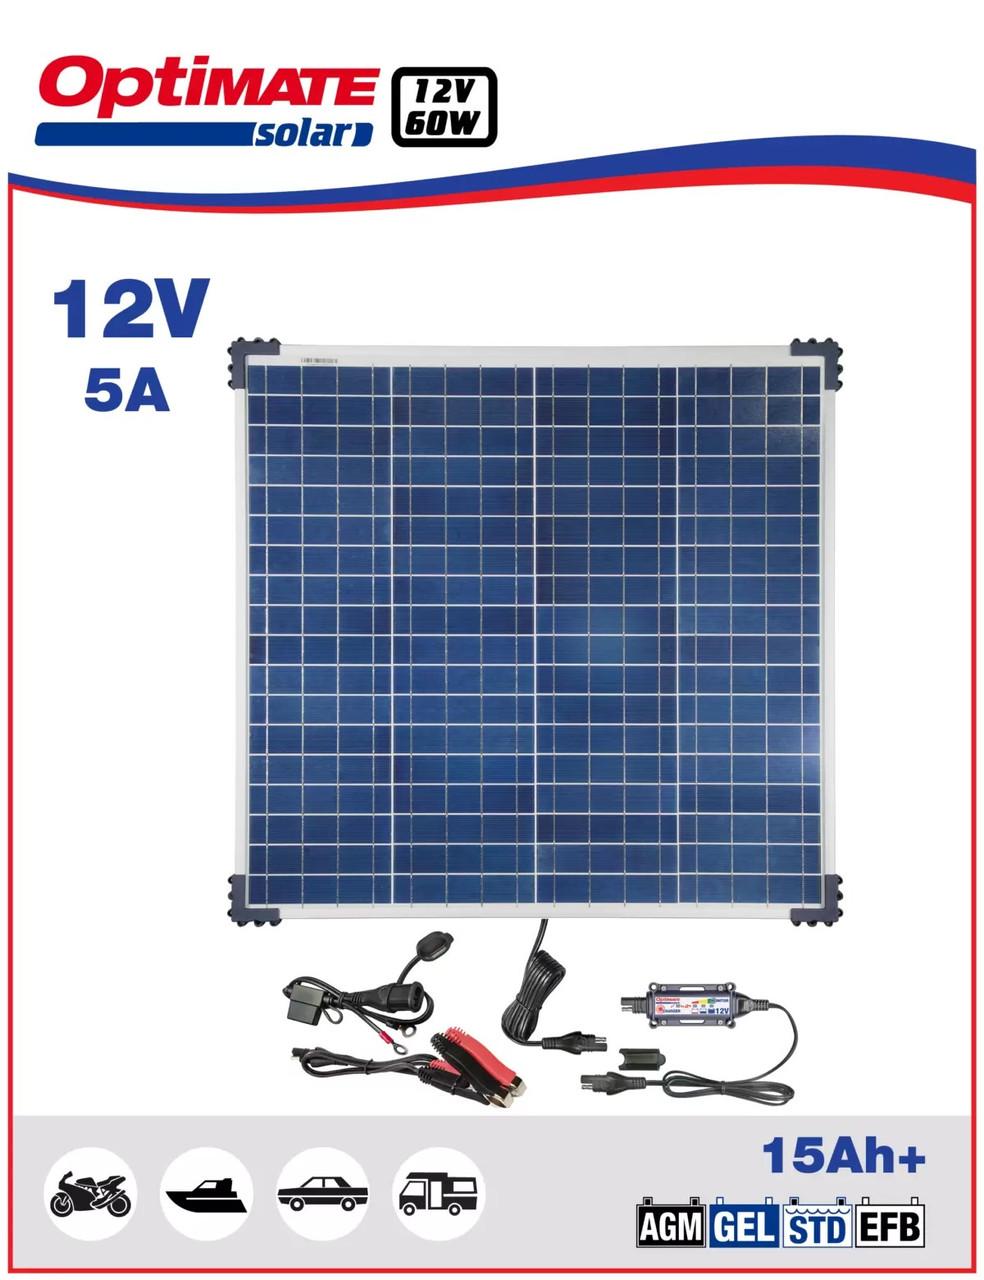 Солнечное зарядное устройство Optimate SOLAR 60W TM523-6KIT1